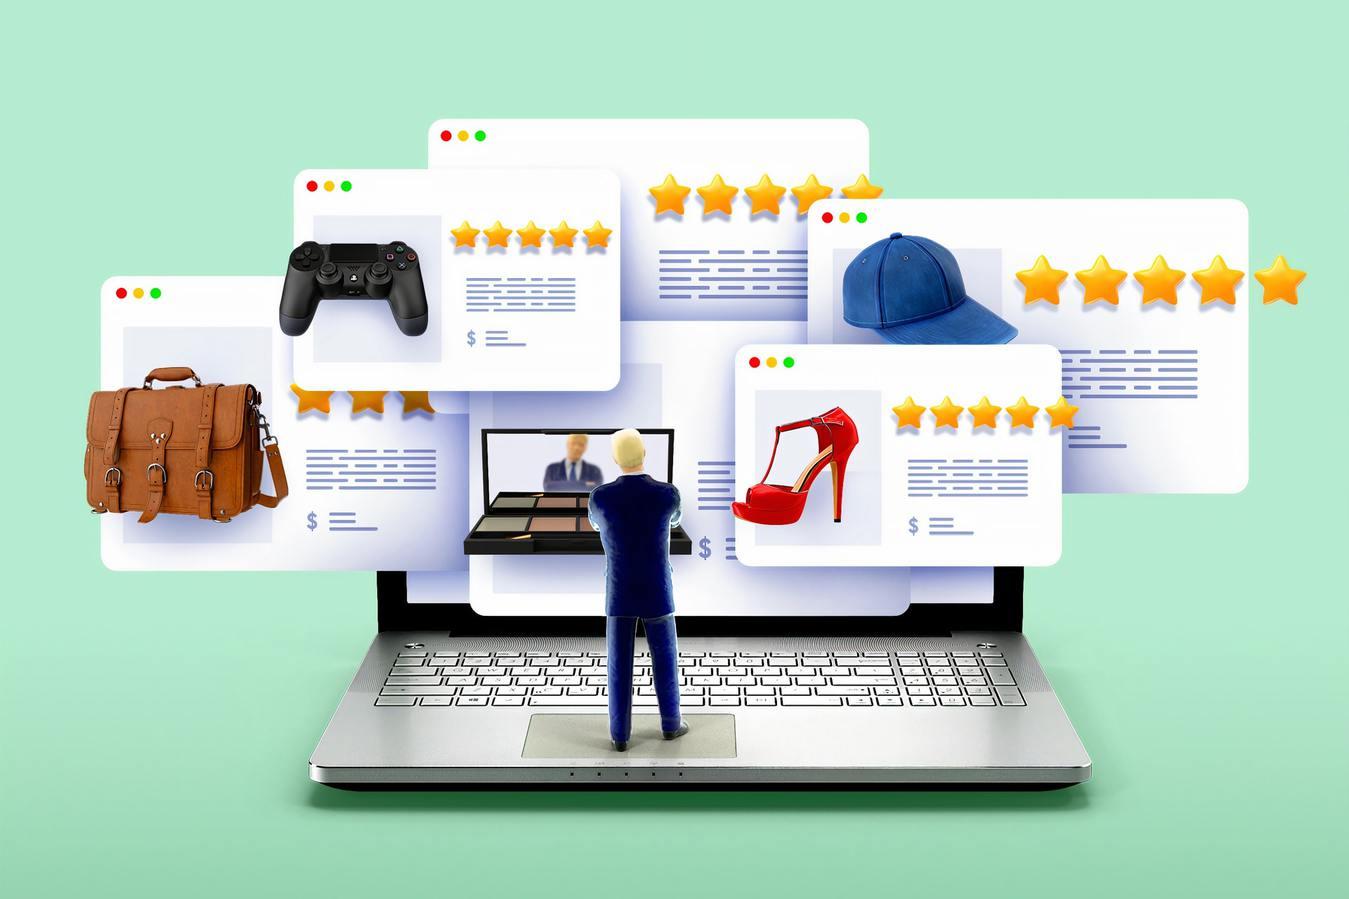 imagem digitalizada de homem analisando avaliações de produtos sobre um computador